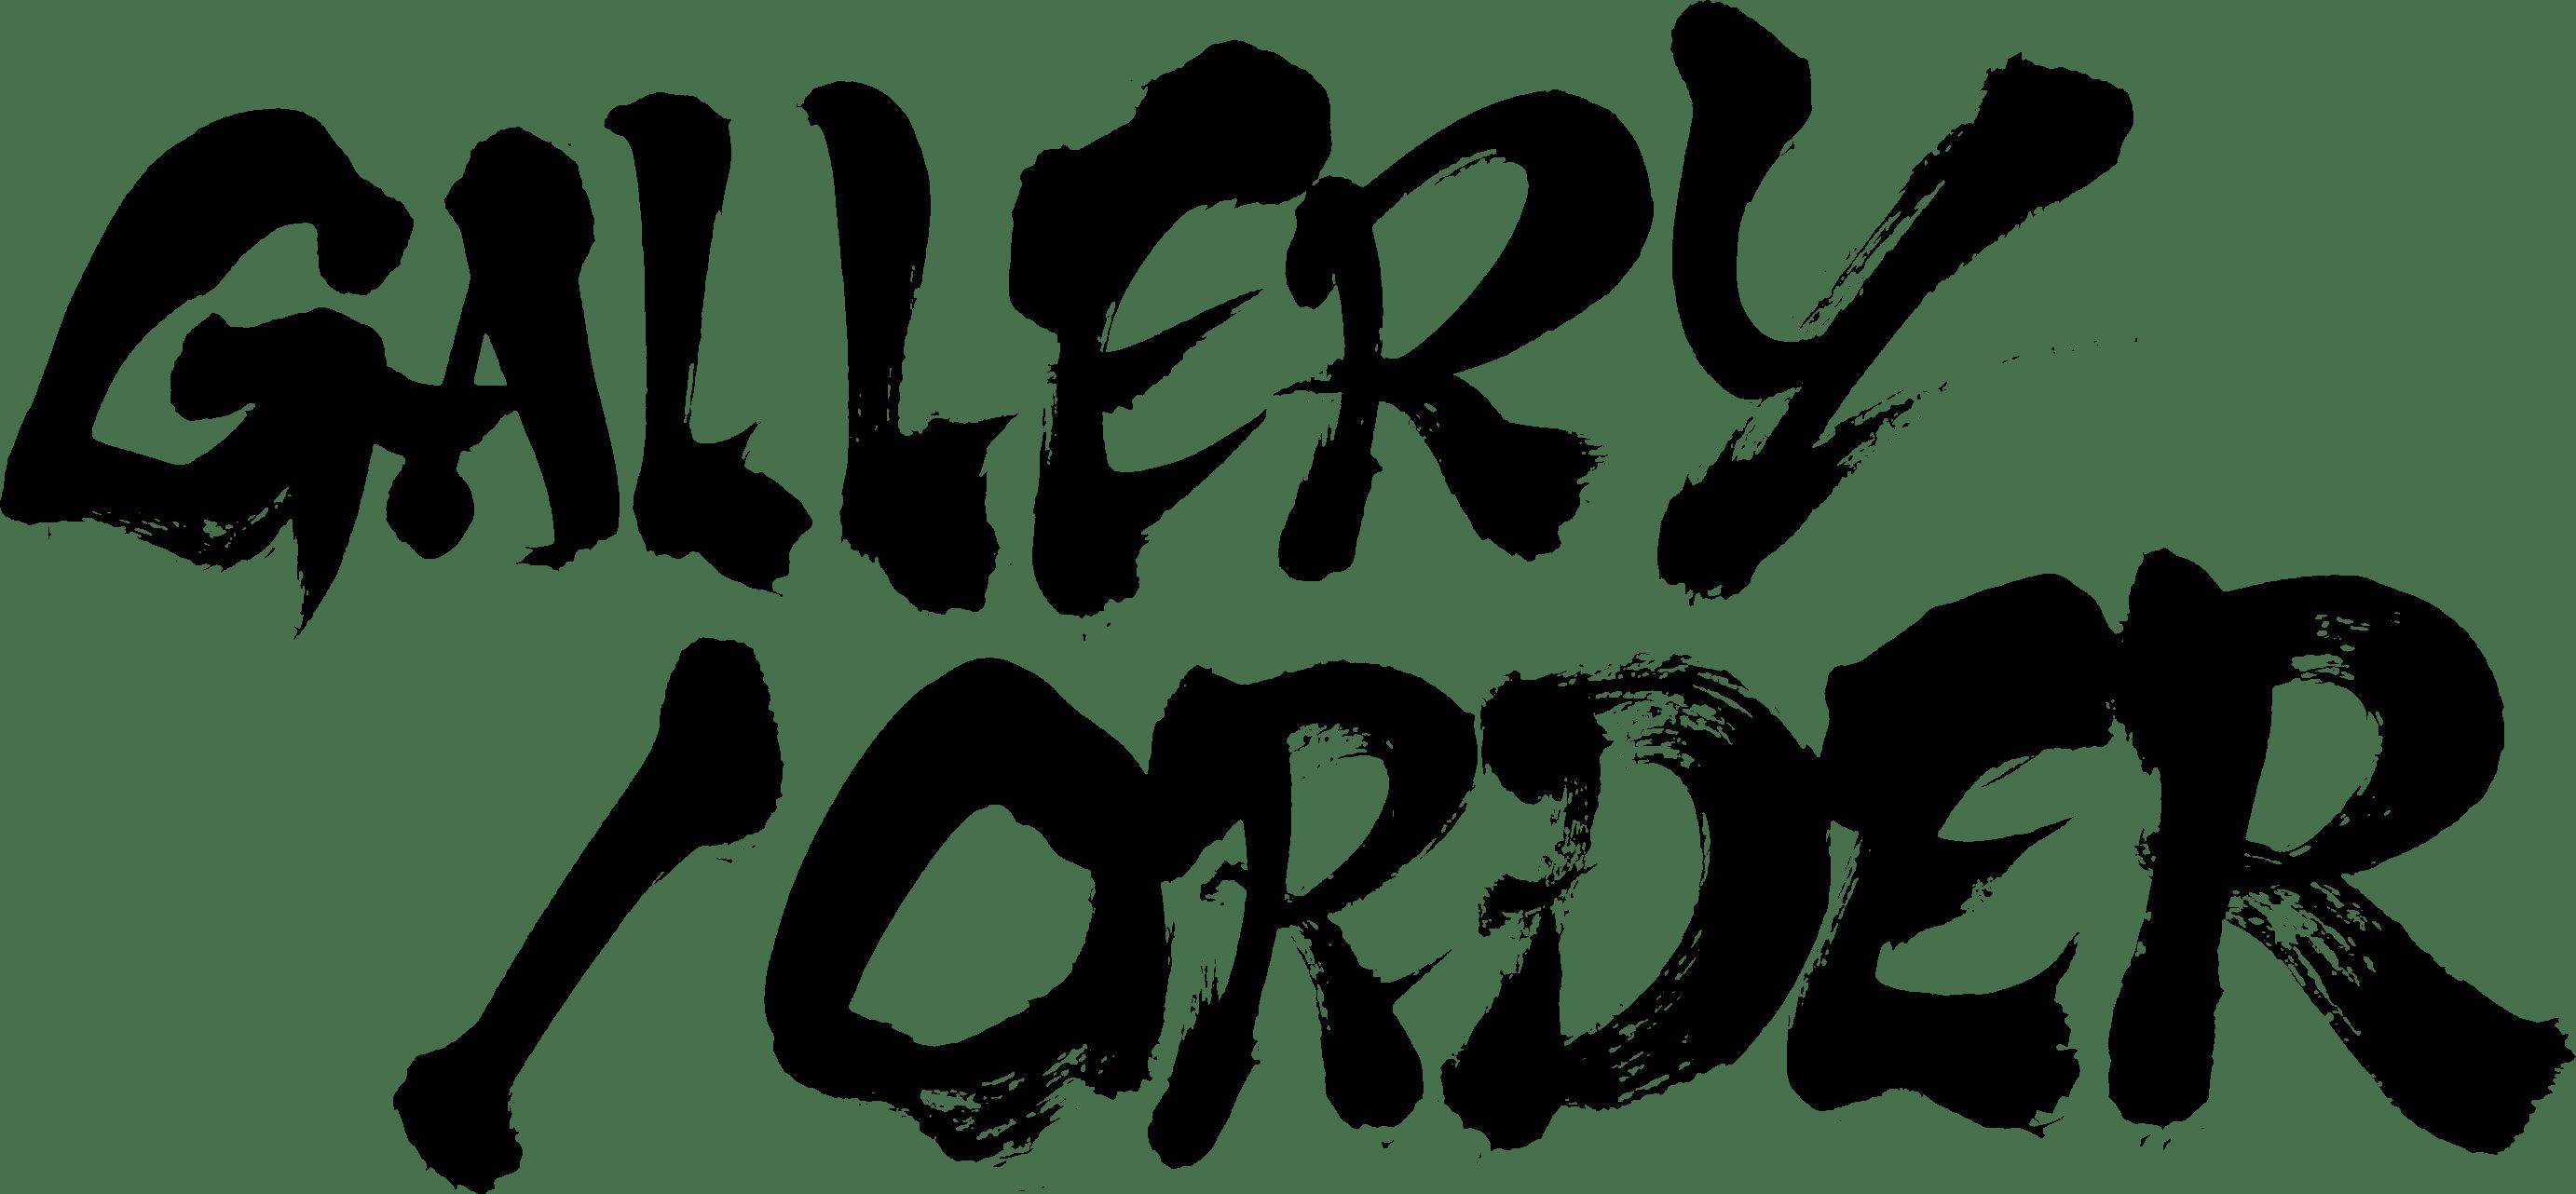 gallery-order